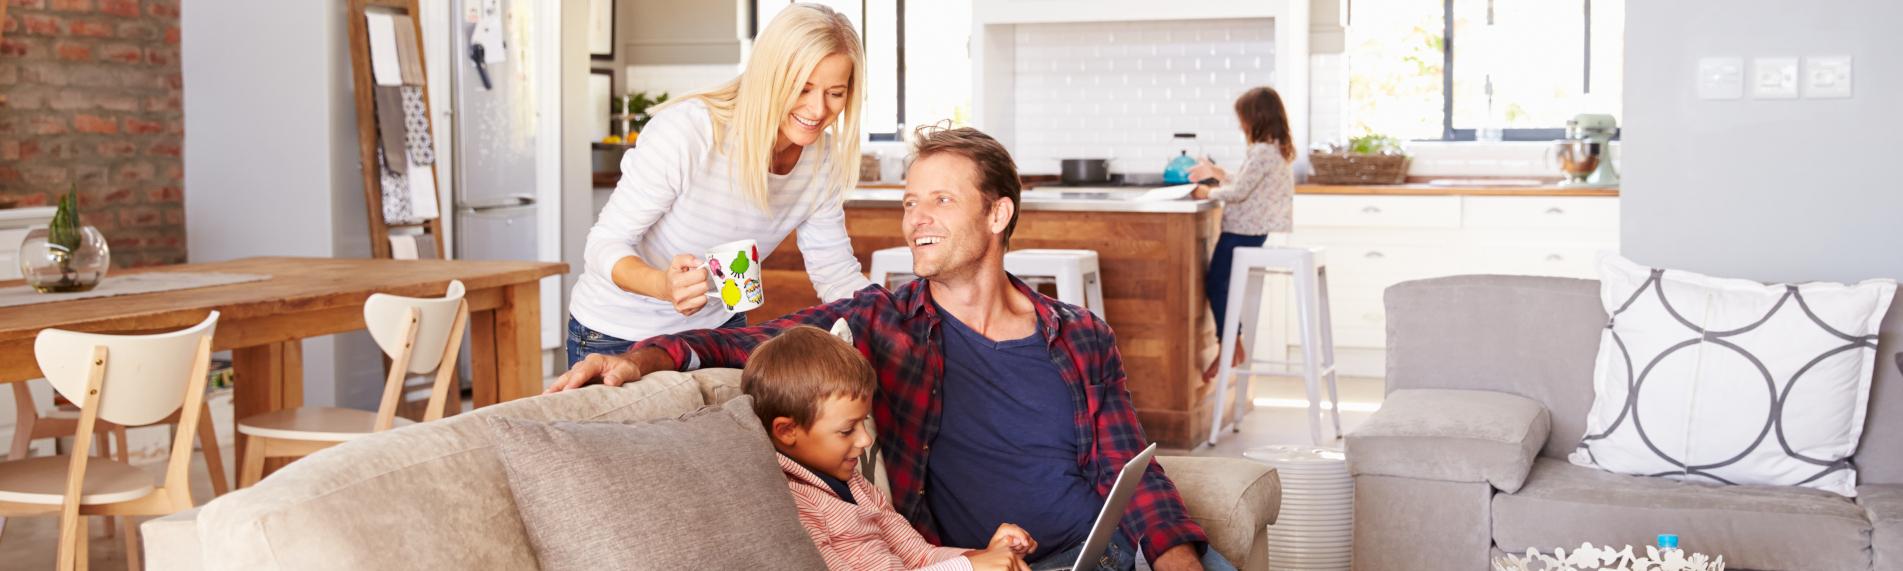 Få et godt indeklima i din bolig med den rette luftbefugtning